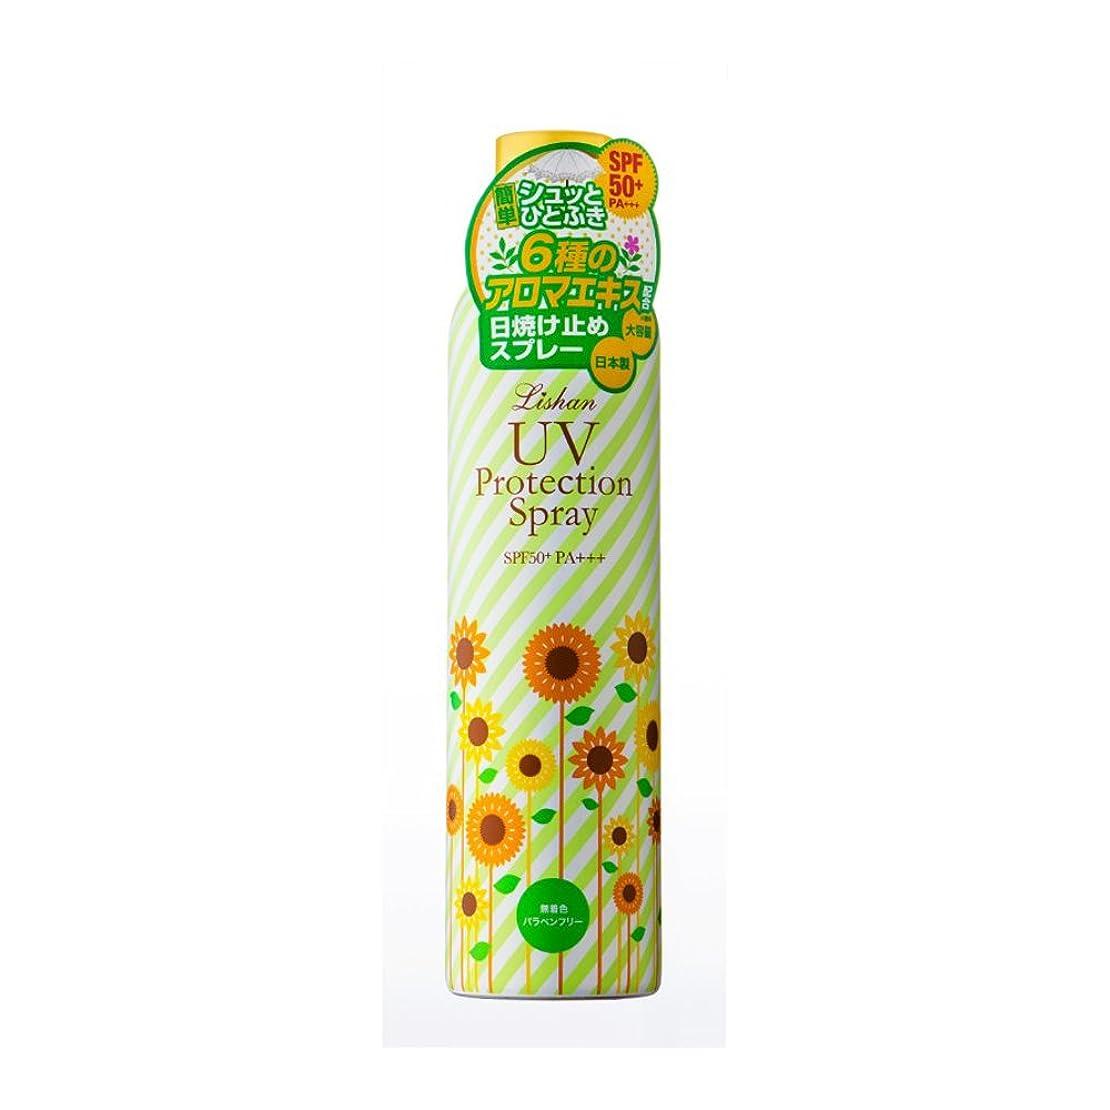 最初は正確さ因子リシャン 大容量UVスプレー アロマミックスの香り (230g)